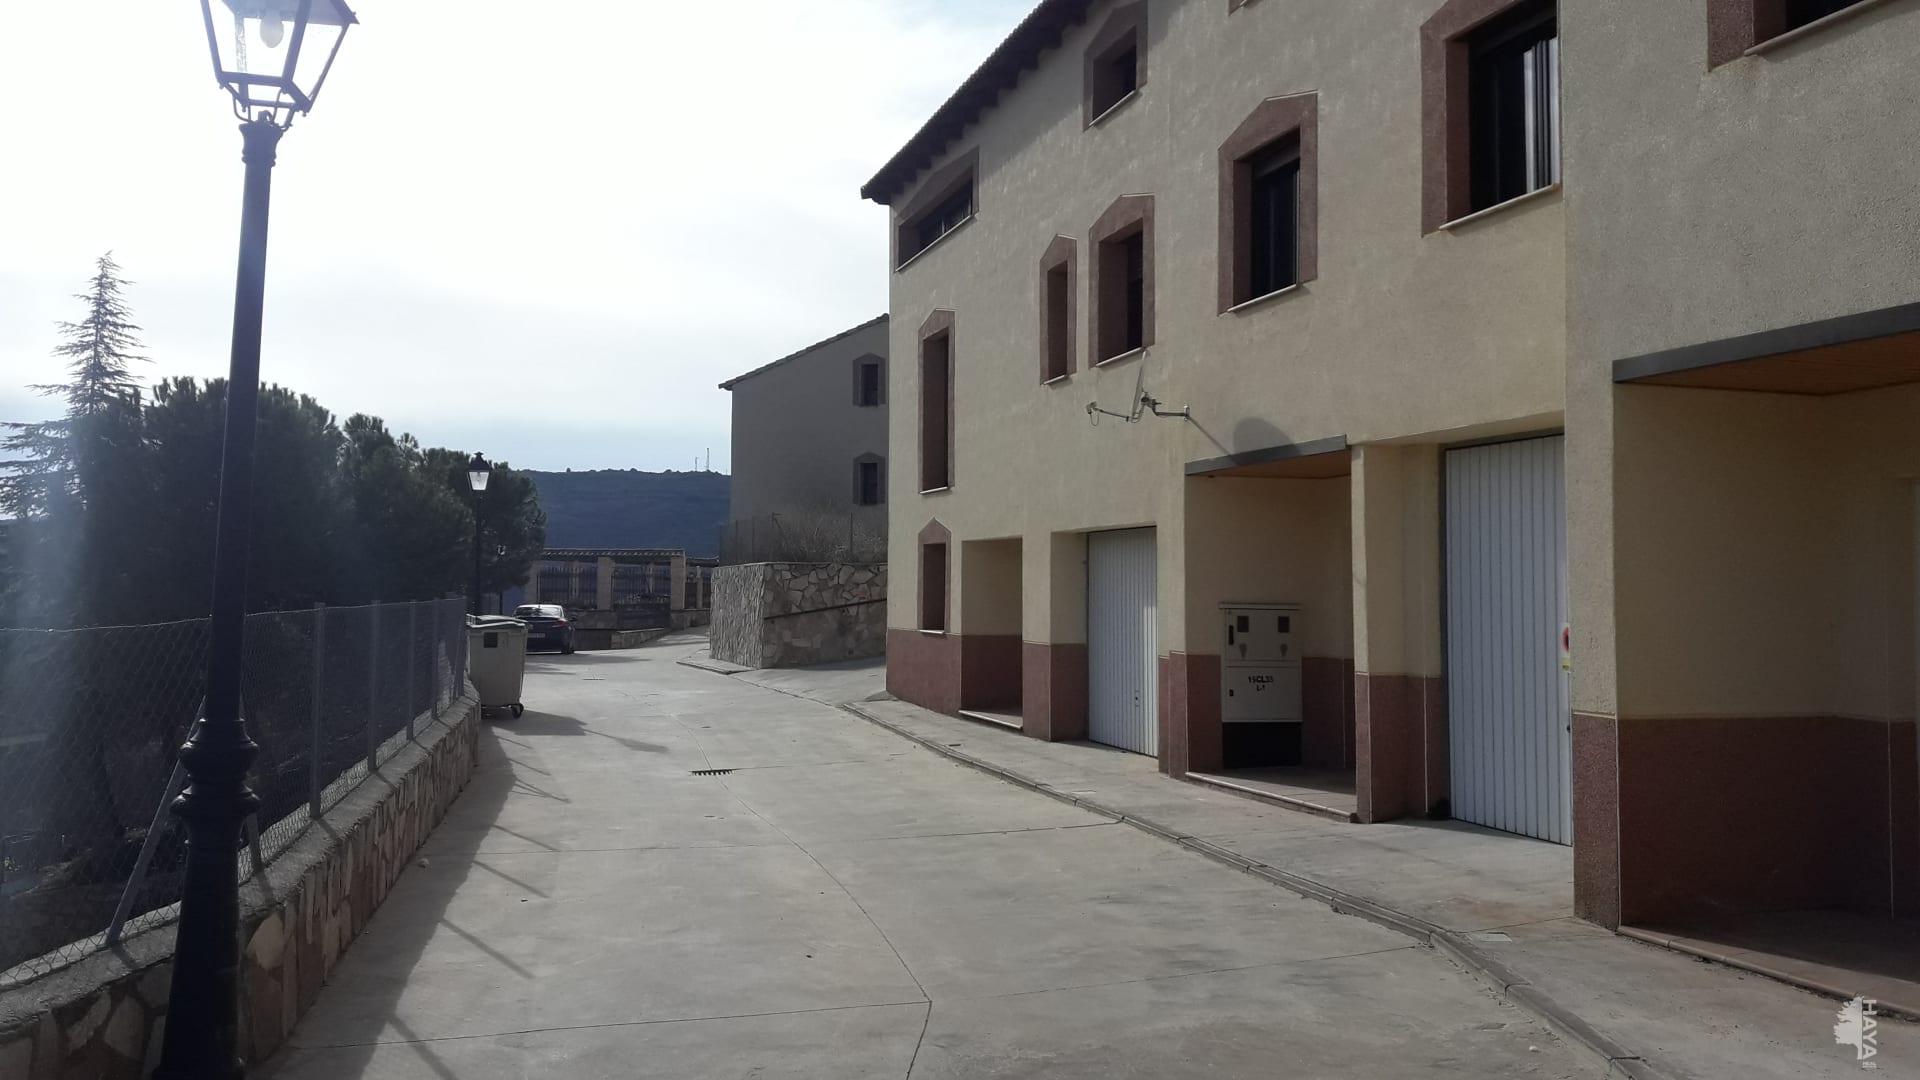 House in Villafranca del Cid. Adosada en venta en pastrana (guadalajara) jesus nazareno